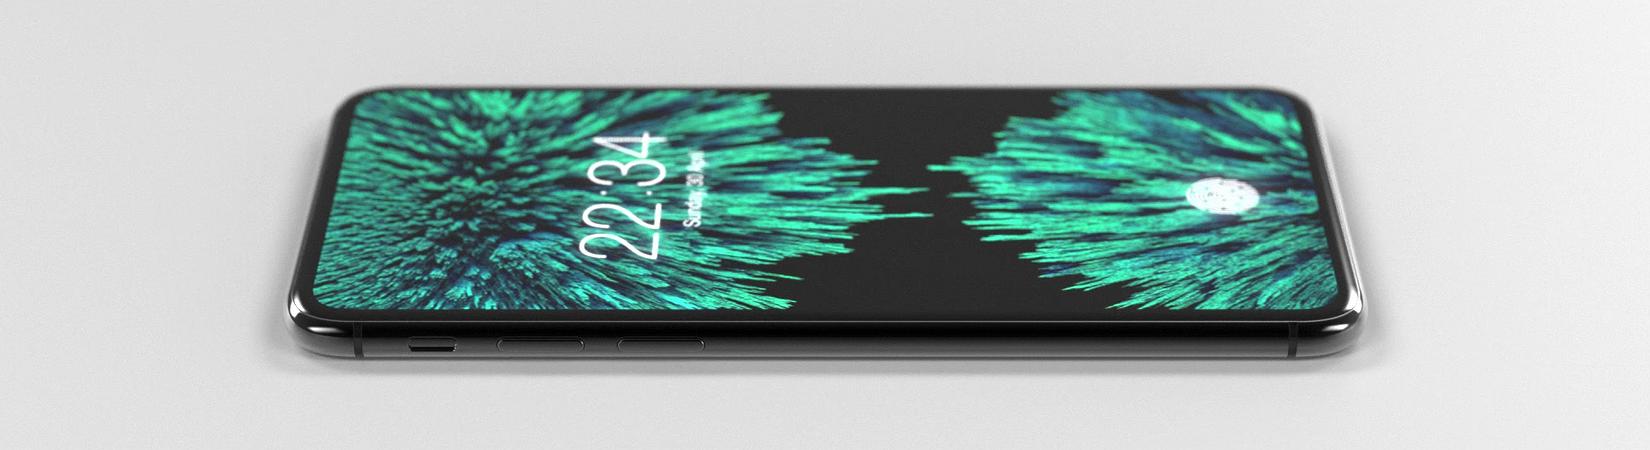 Видео: В Сети появились изображения юбилейного iPhone 8